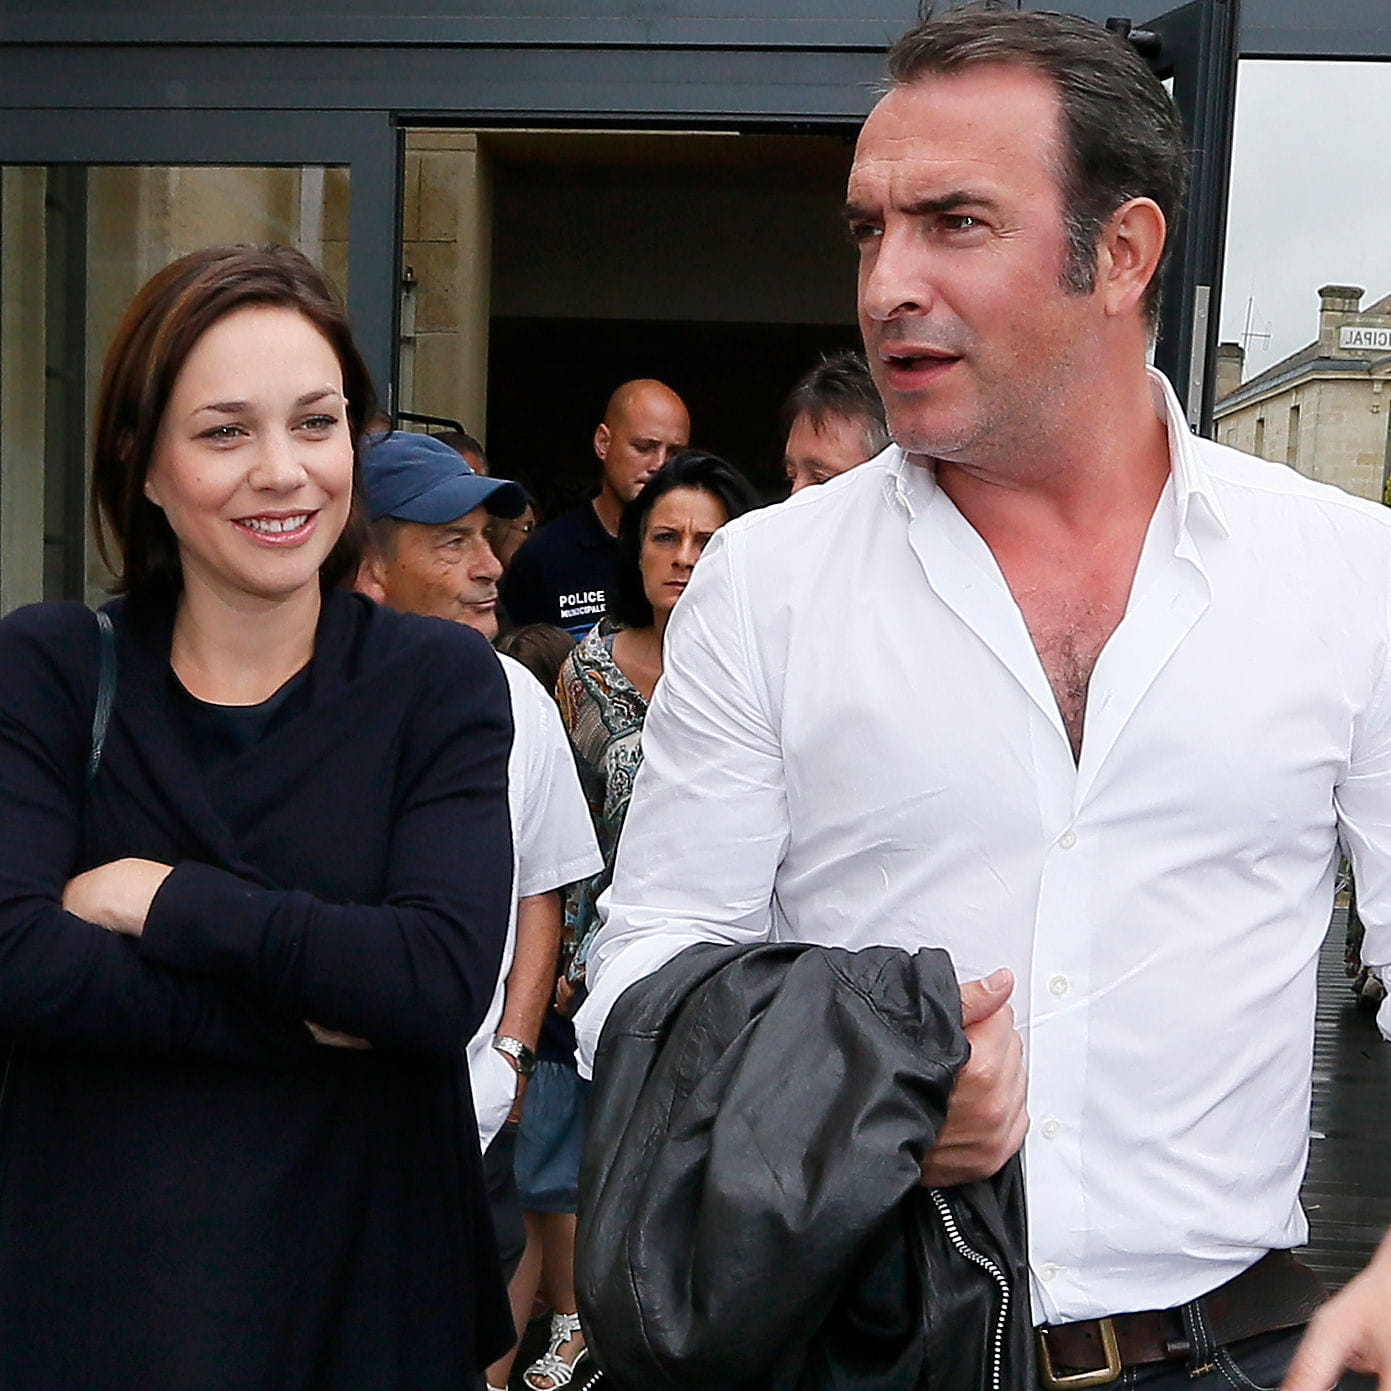 Jean dujardin et nathalie p chalat bient t parents d for Jean dujardin pechalat